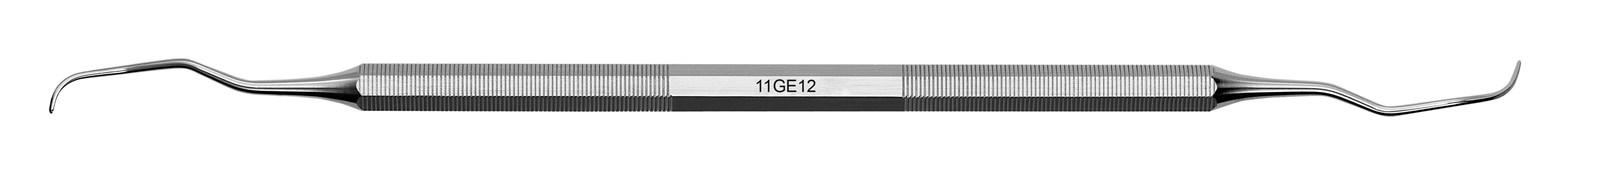 Kyreta Gracey Classic - 11GE12, ADEP silikonový návlek fialový